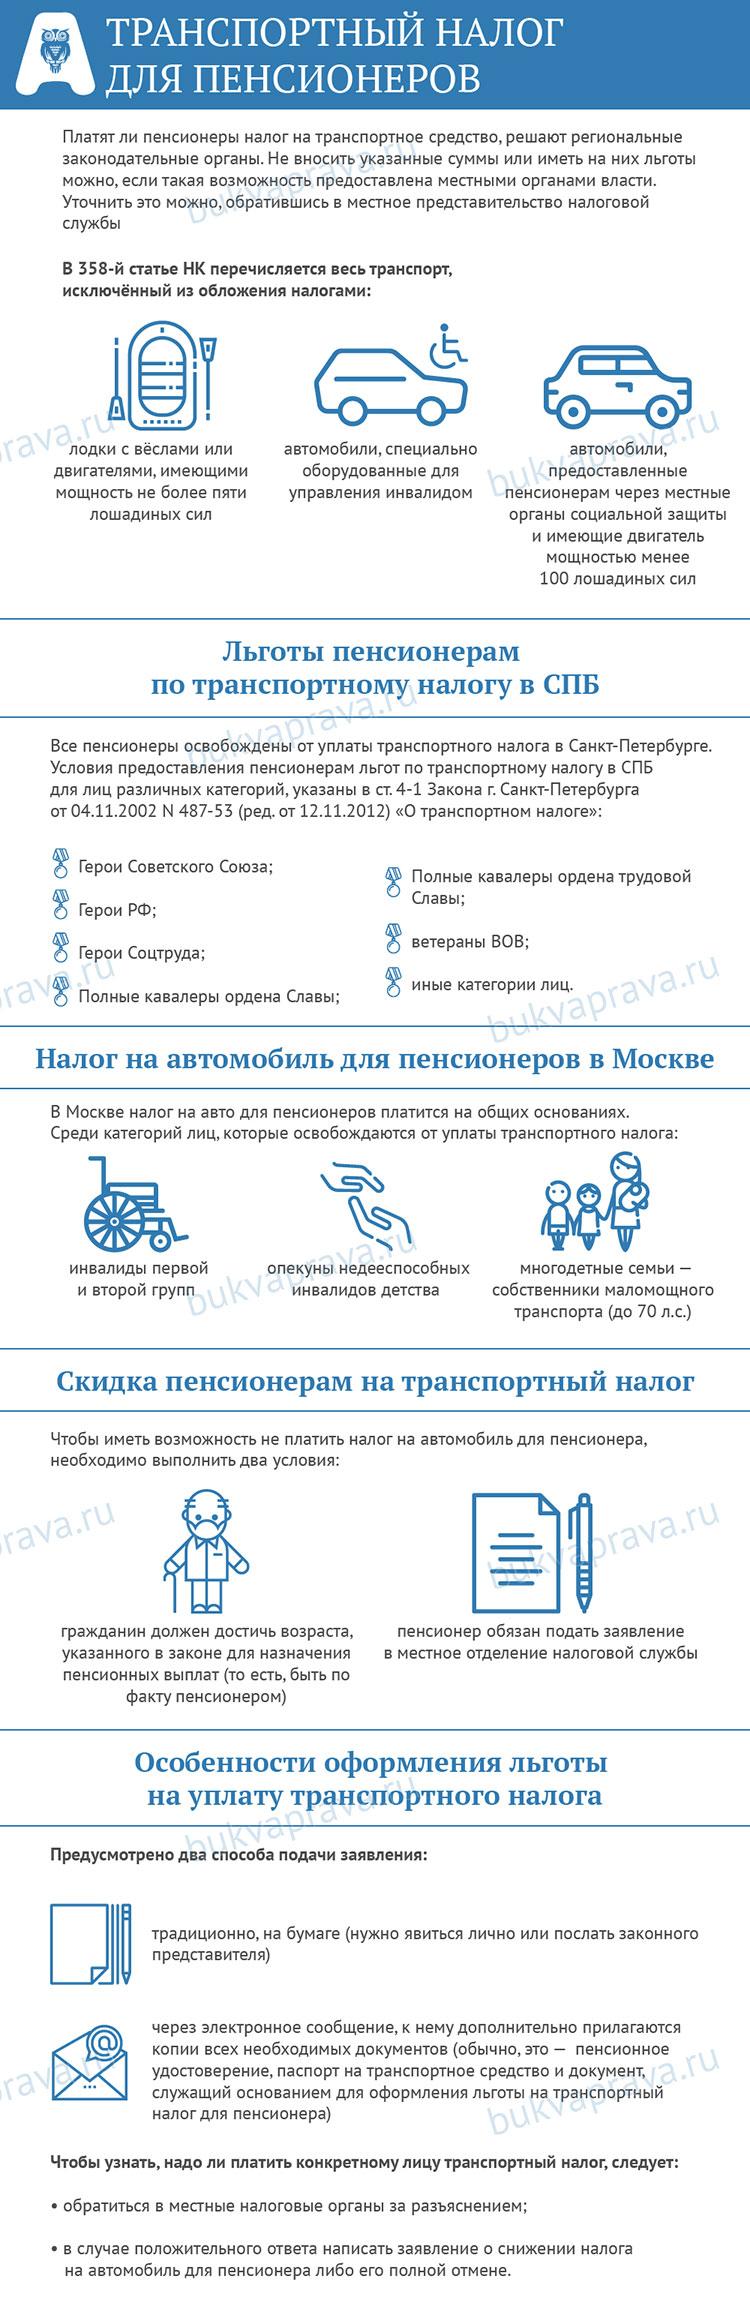 Ставки транспортного налога для юридических лиц спб за 2012 г каков размер налоговой ставки на транспорт города ковров